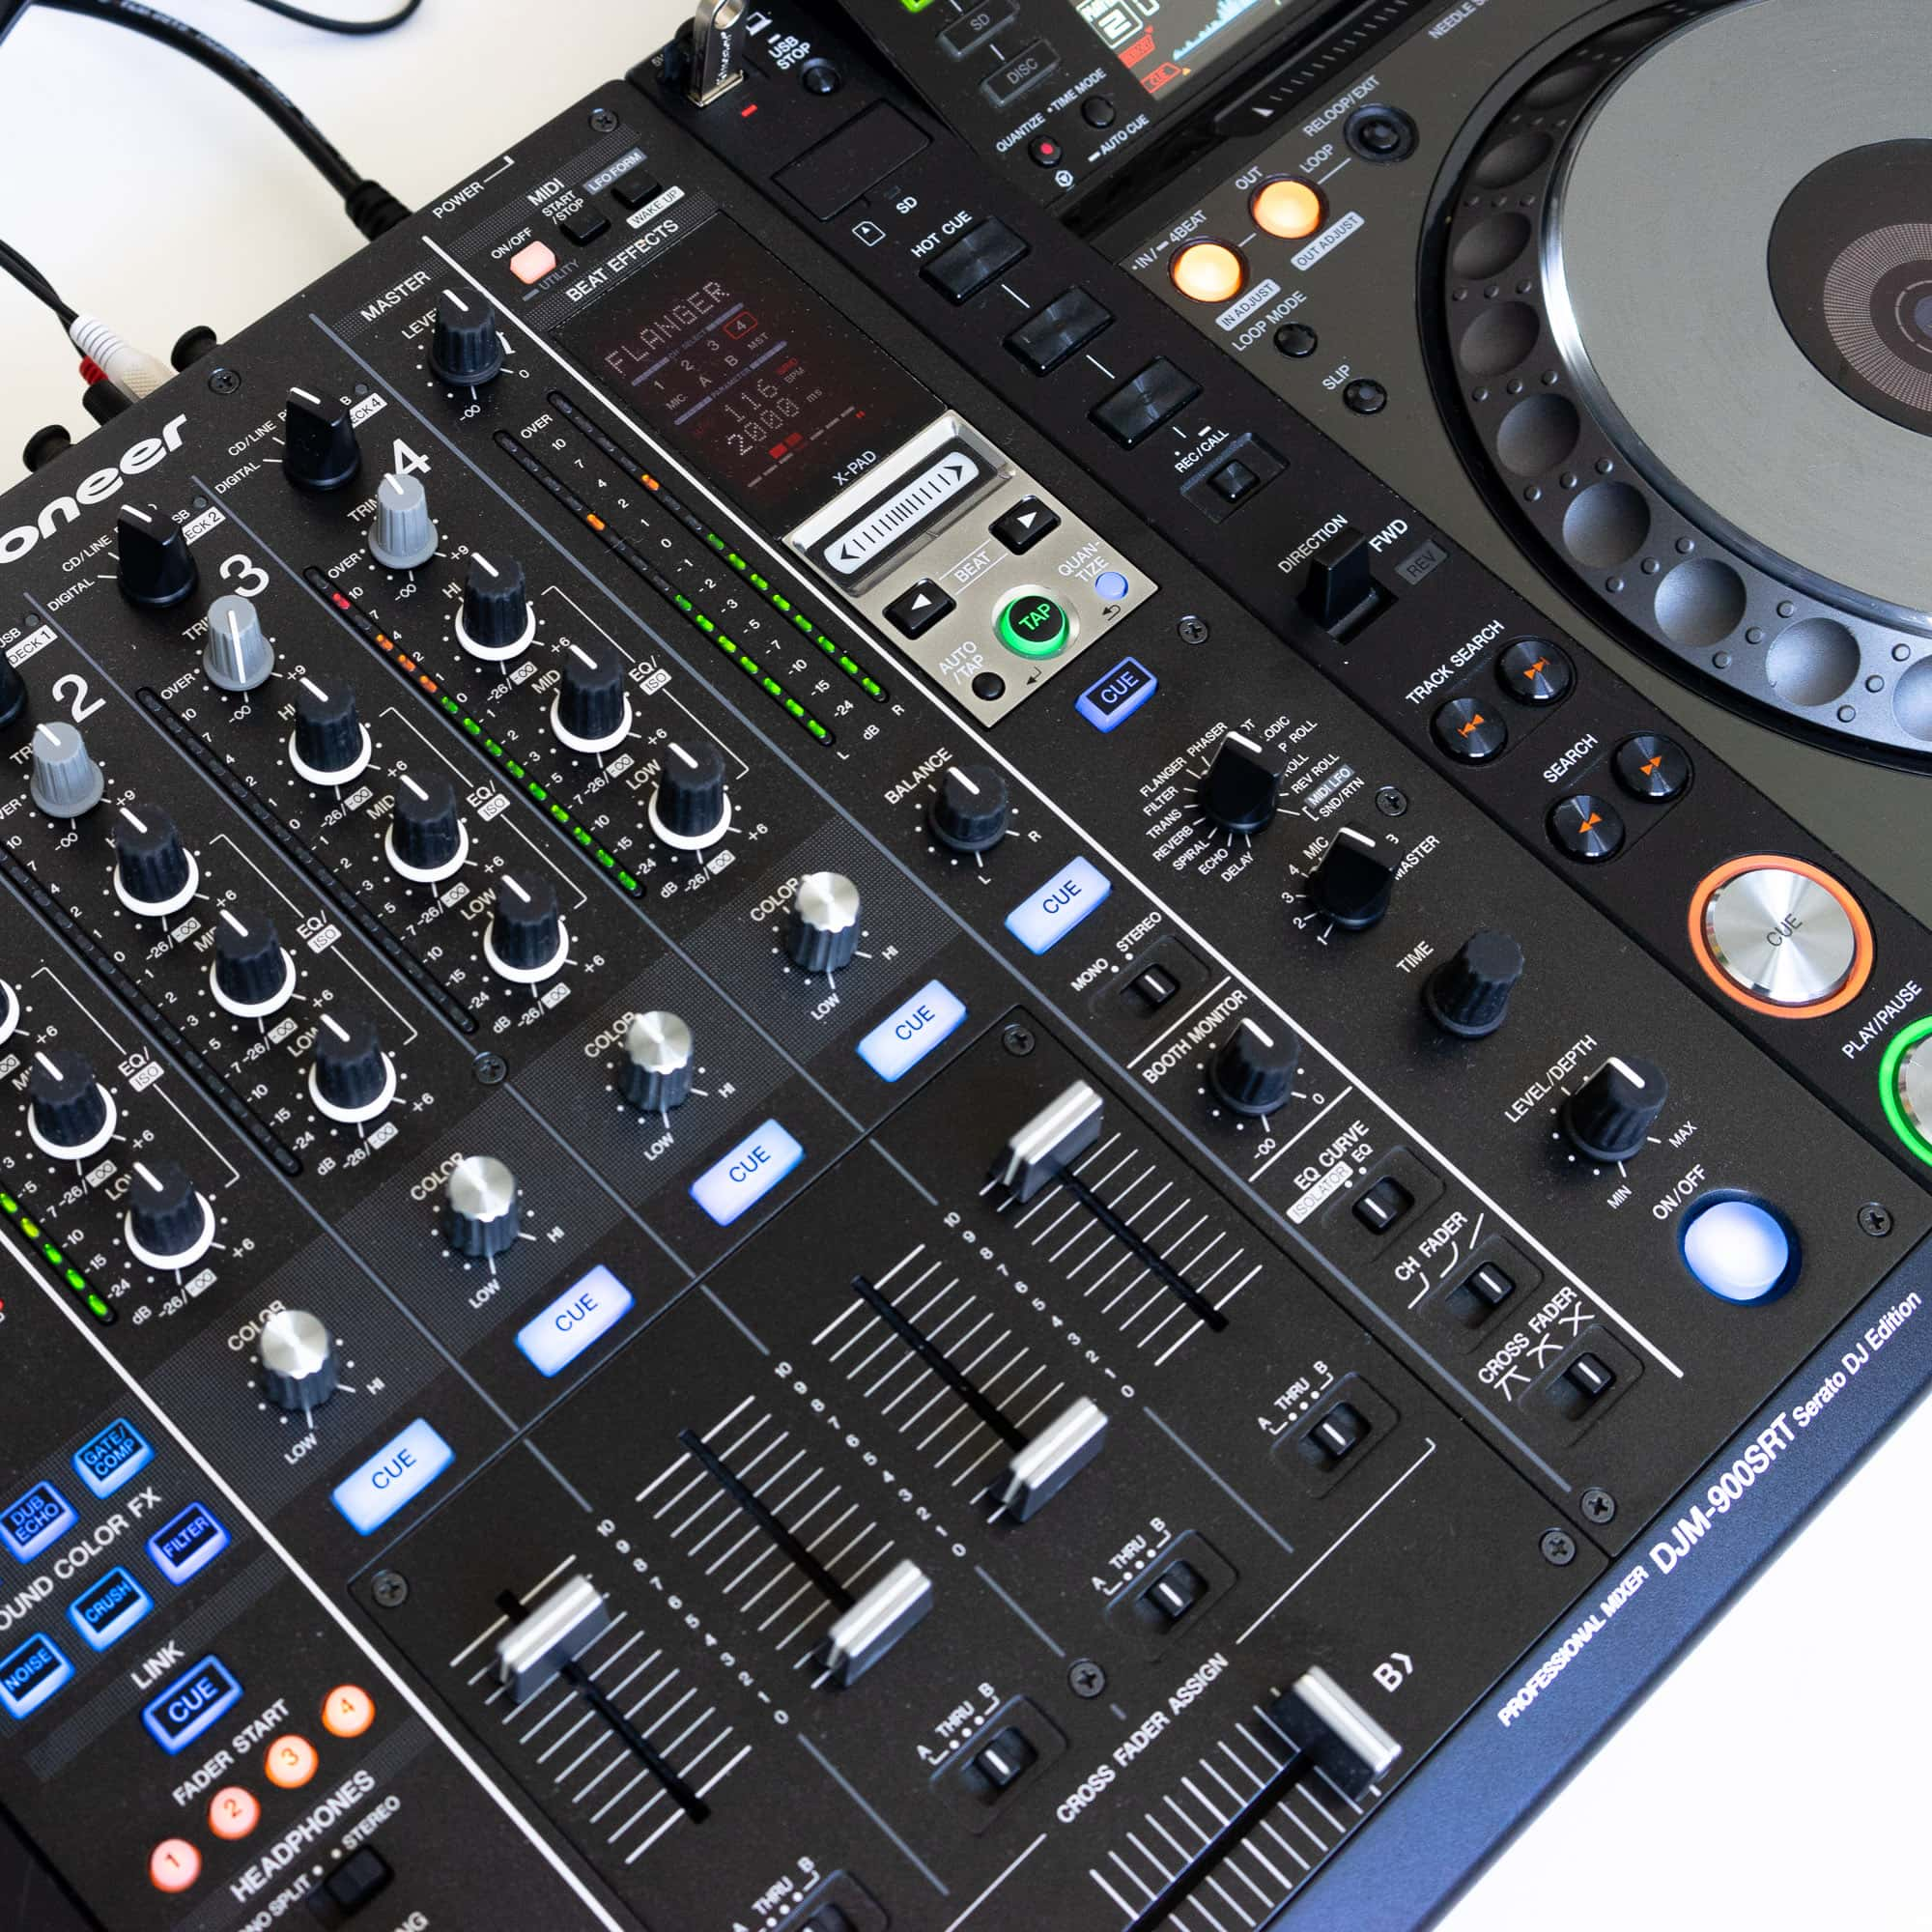 gebraucht kaufen DJ-Set: 2x Pioneer CDJ 2000 NXS Nexus + 1x Pioneer DJM 900 SRT